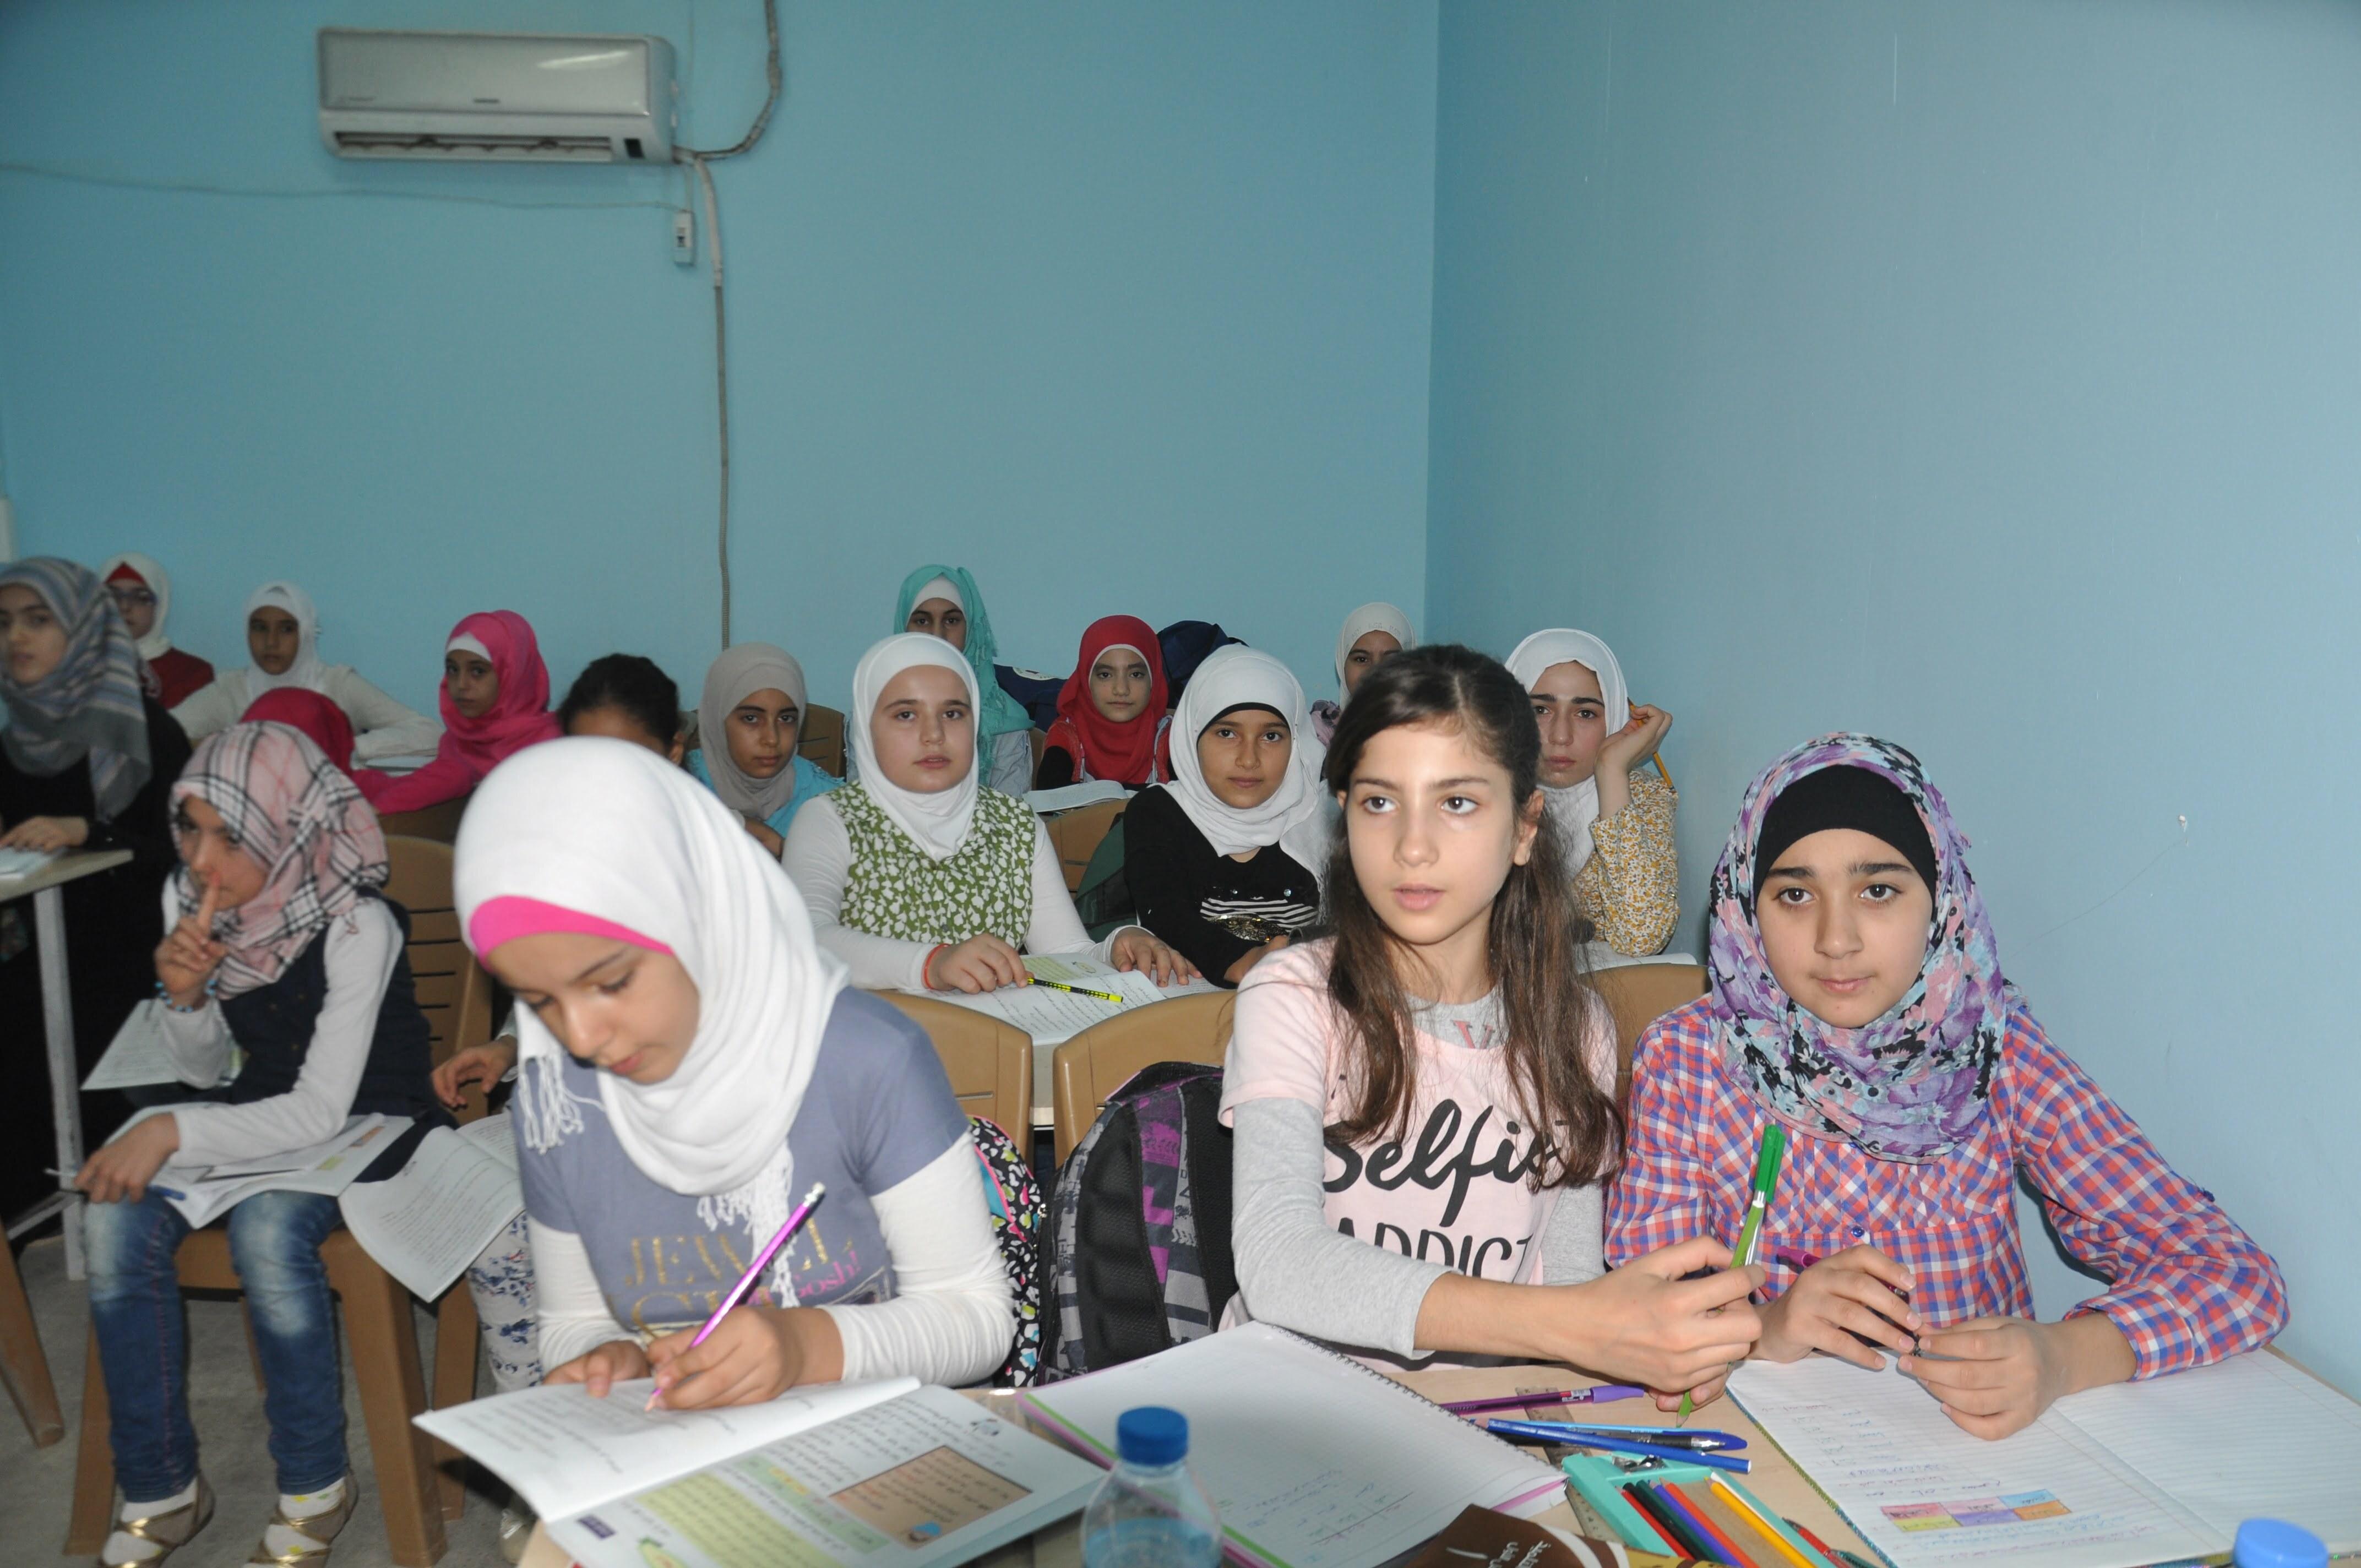 25 Bin Türk, 10 Bin Suriyeli Öğrenci Eğitim Görüyor